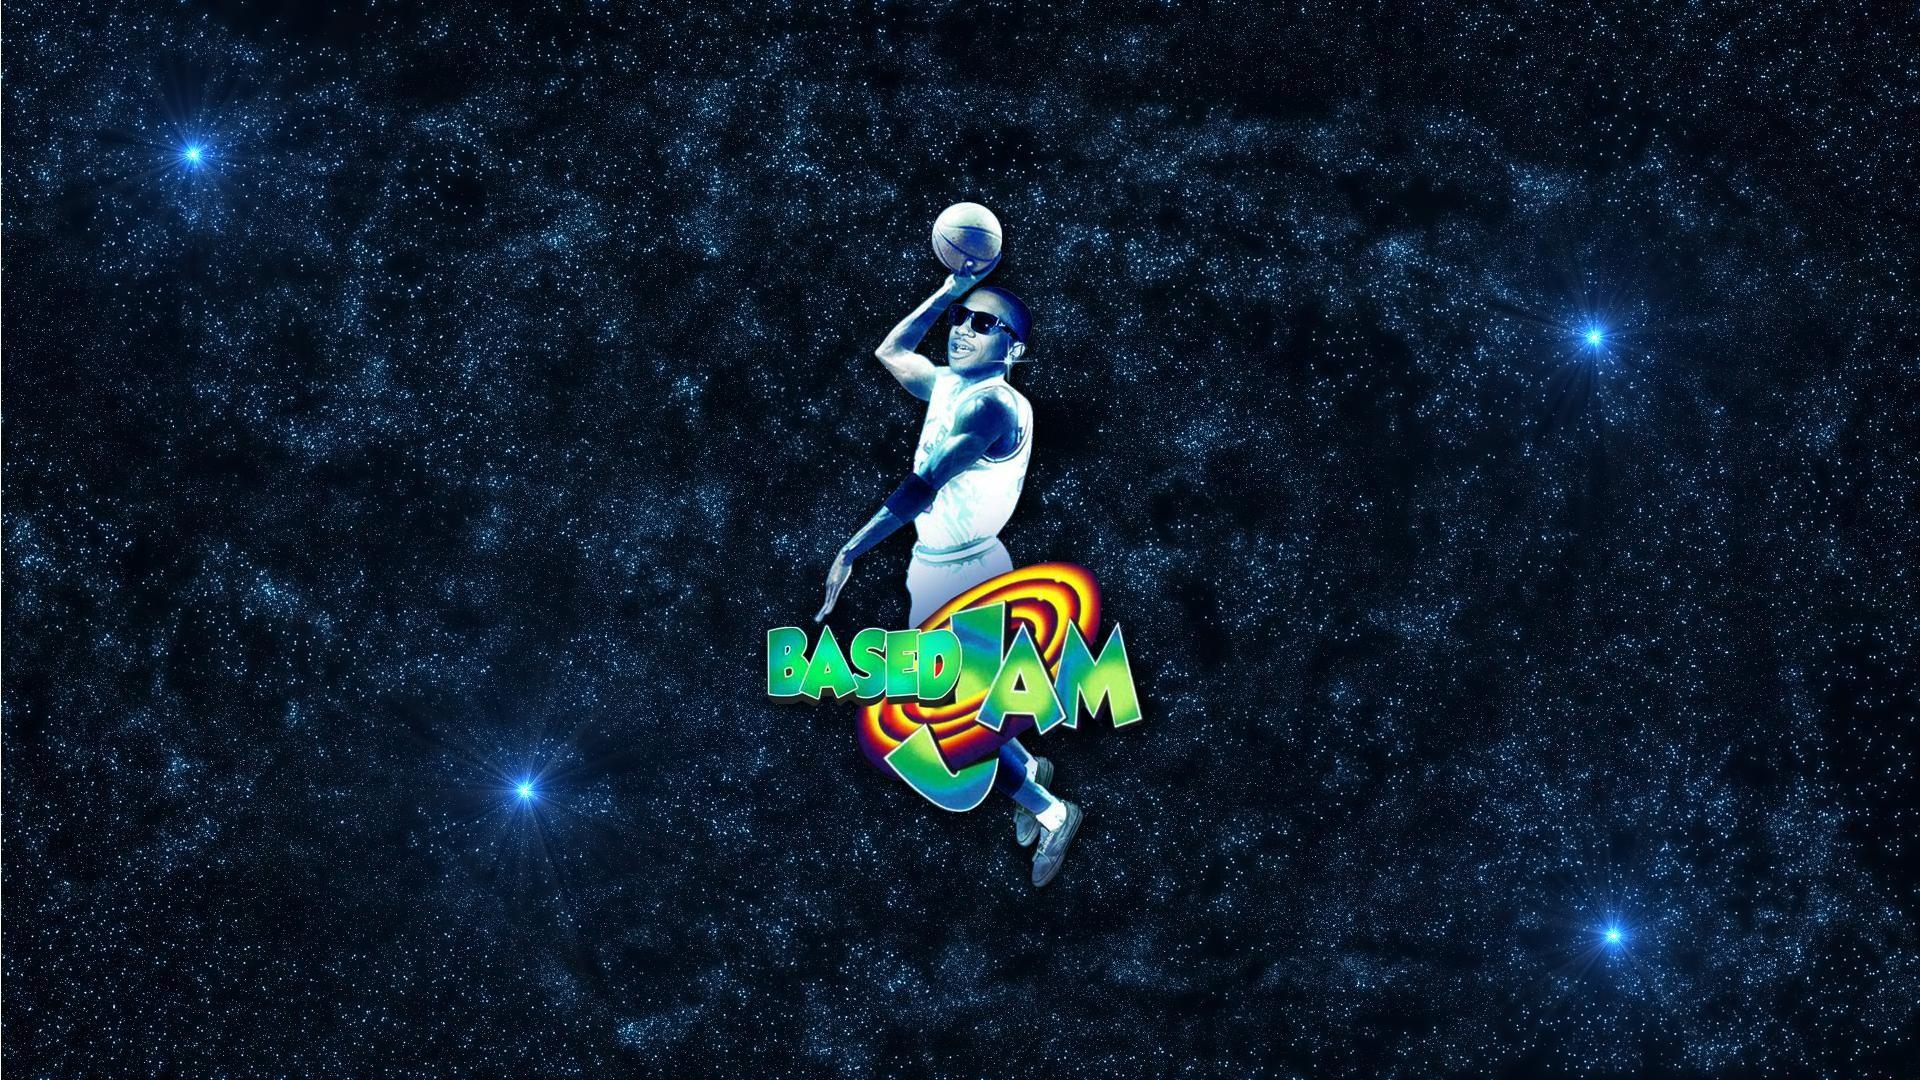 … space jam wallpaper …